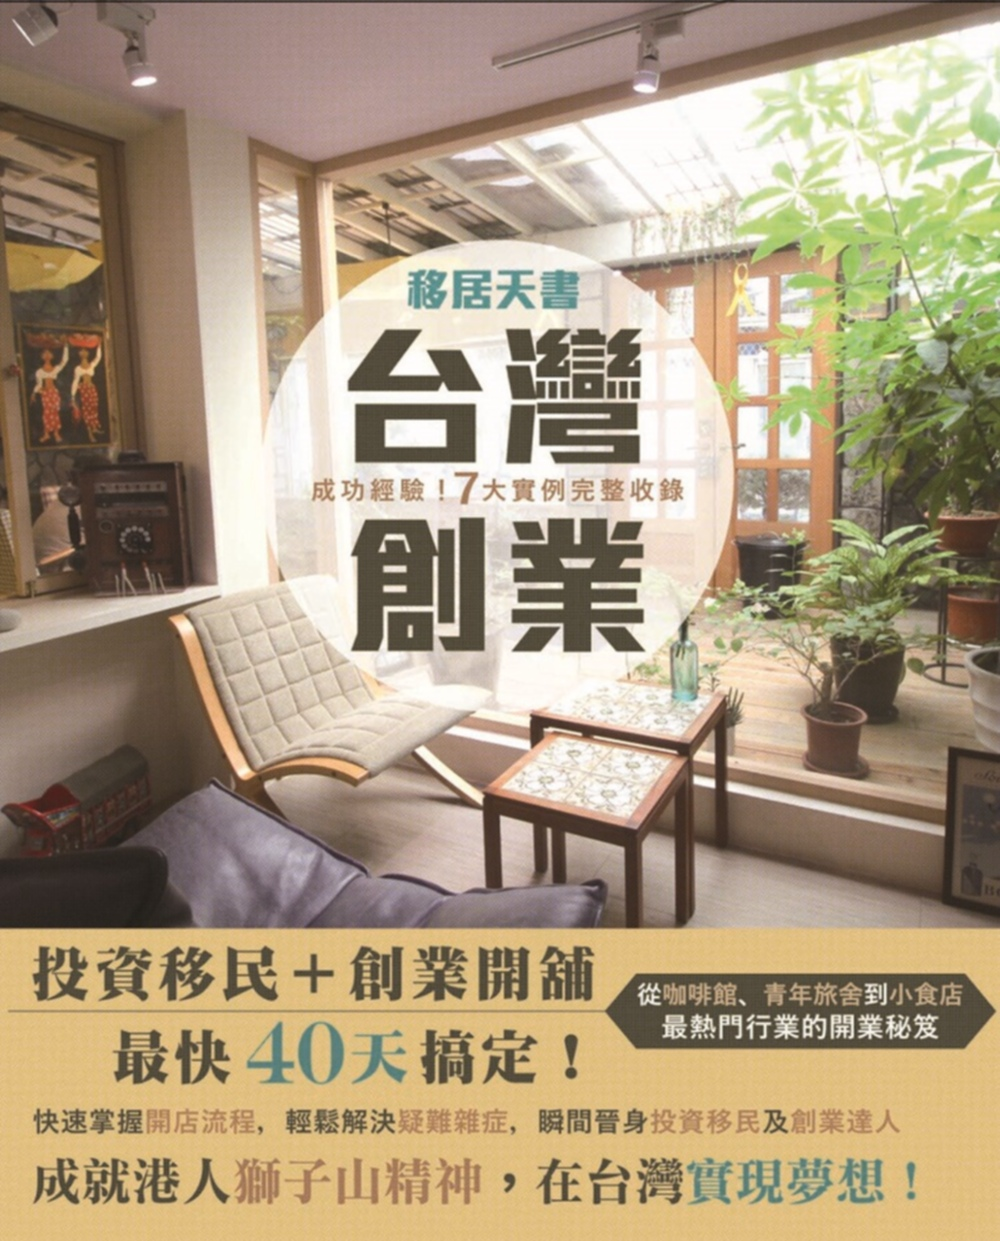 台灣創業:成功經驗!七大實例完整收錄